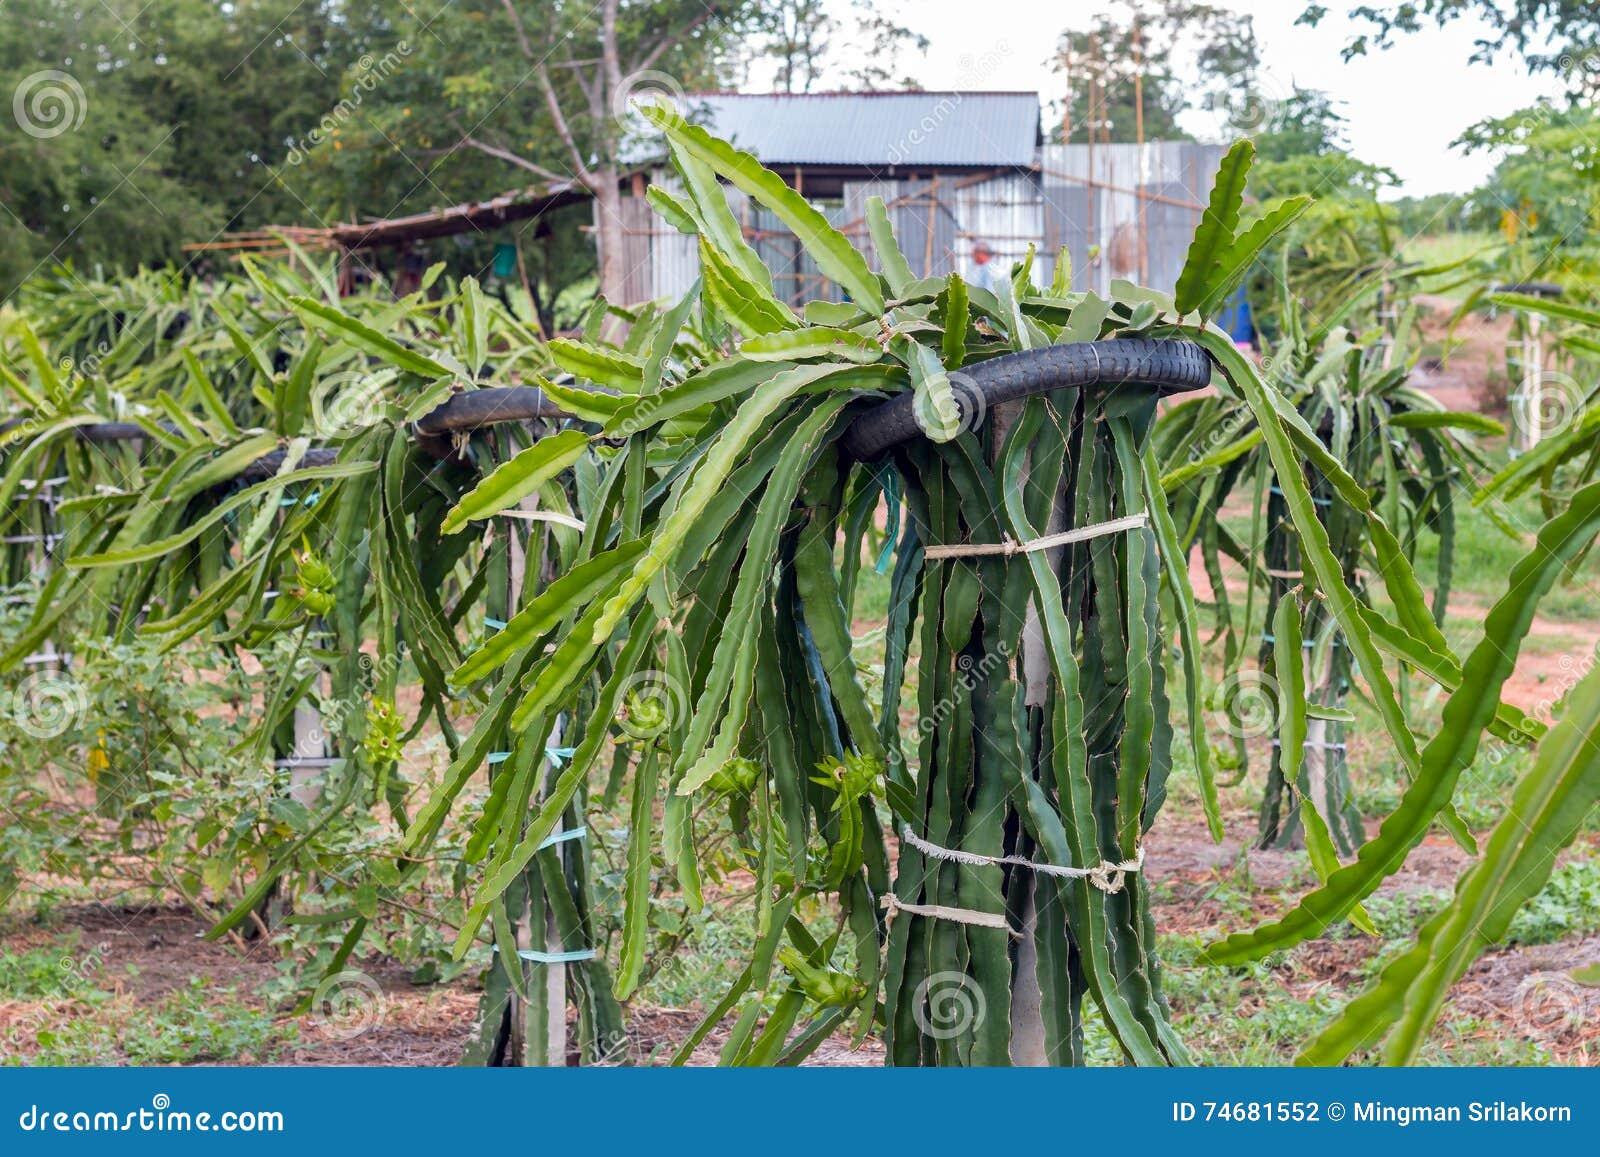 Fruit du dragon ou pitaya sur l 39 arbre dans le jardin photo stock image 74681552 - Arbre fruit du dragon ...